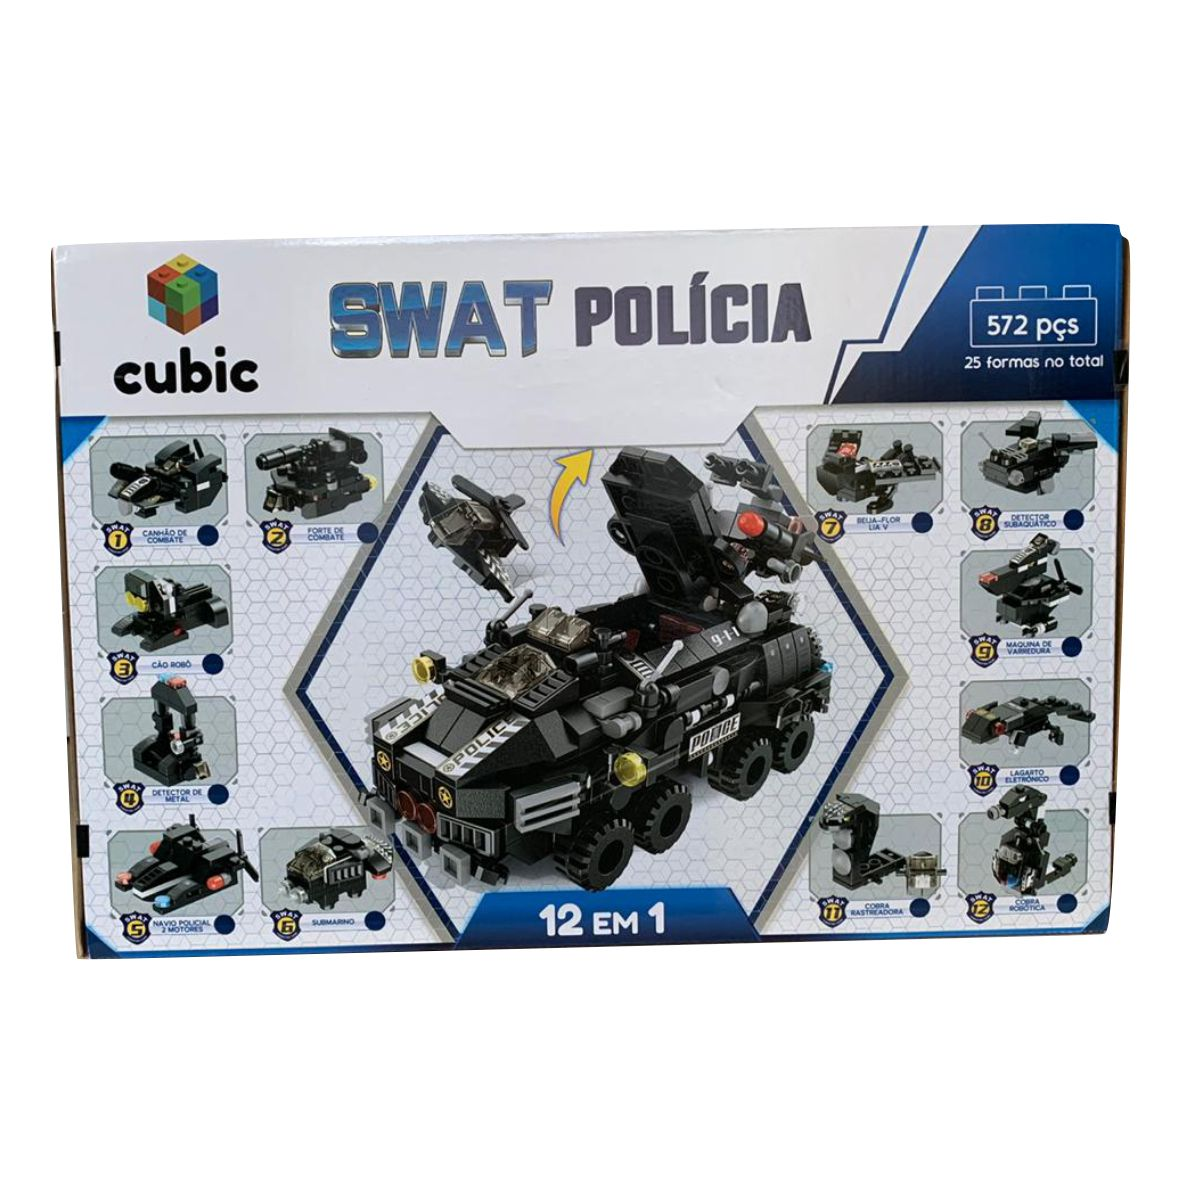 Blocos de Montar Swat Polícia 12 em 1 - 572 peças -  CUBIC